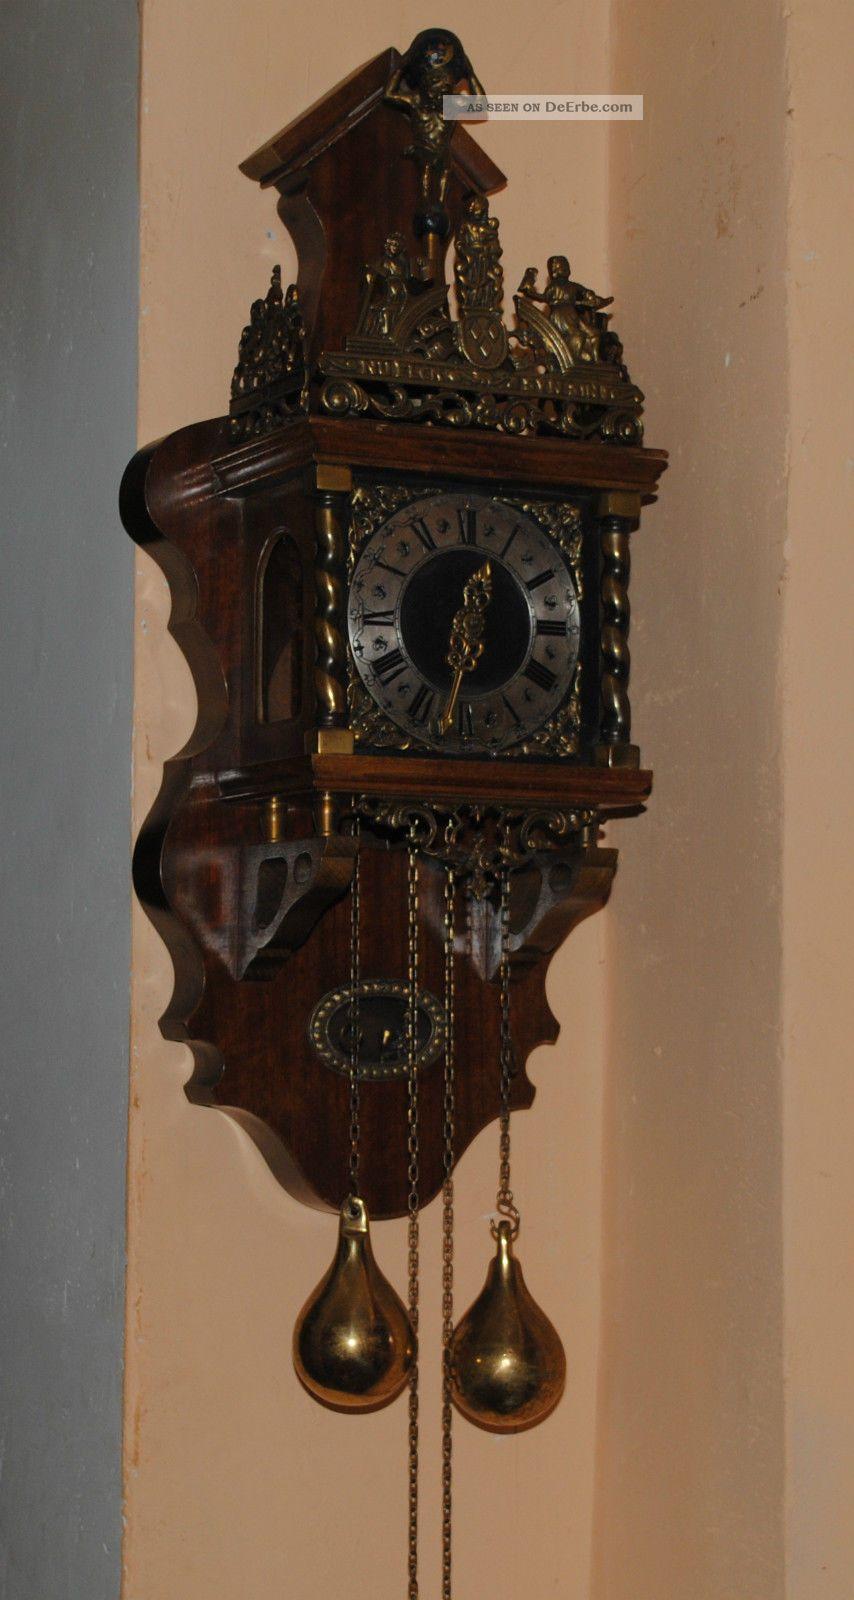 Alte Uhr Wanduhr Pendeluhr Wuba Gefertigt 1960  1970